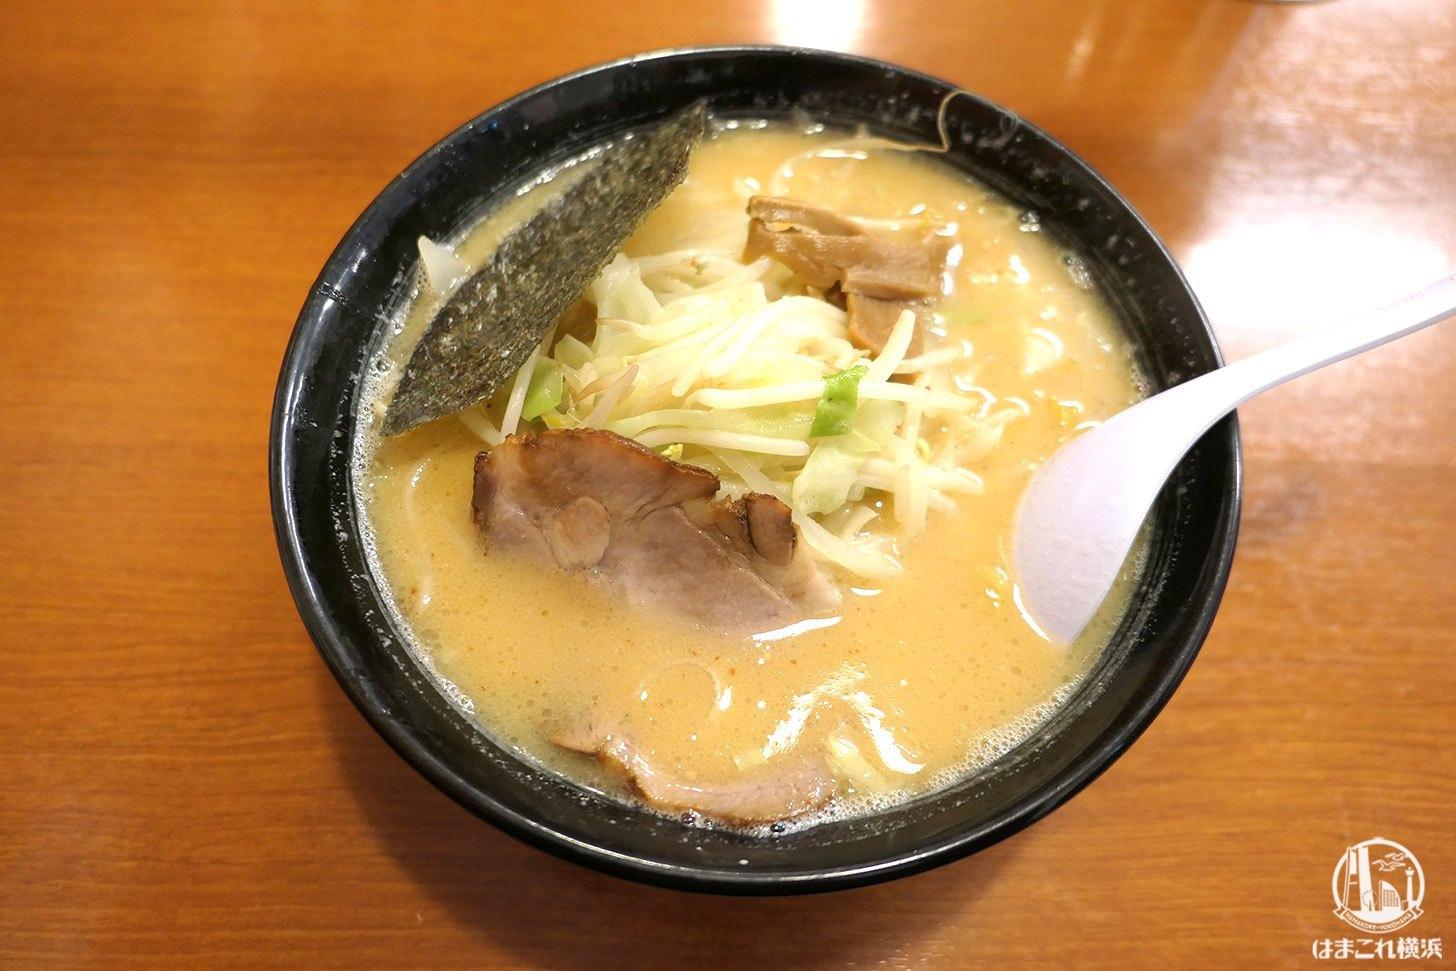 北海道らーめん「おやじ本店」の白味噌スープは甘くて通う旨さ!相模原ラーメン店